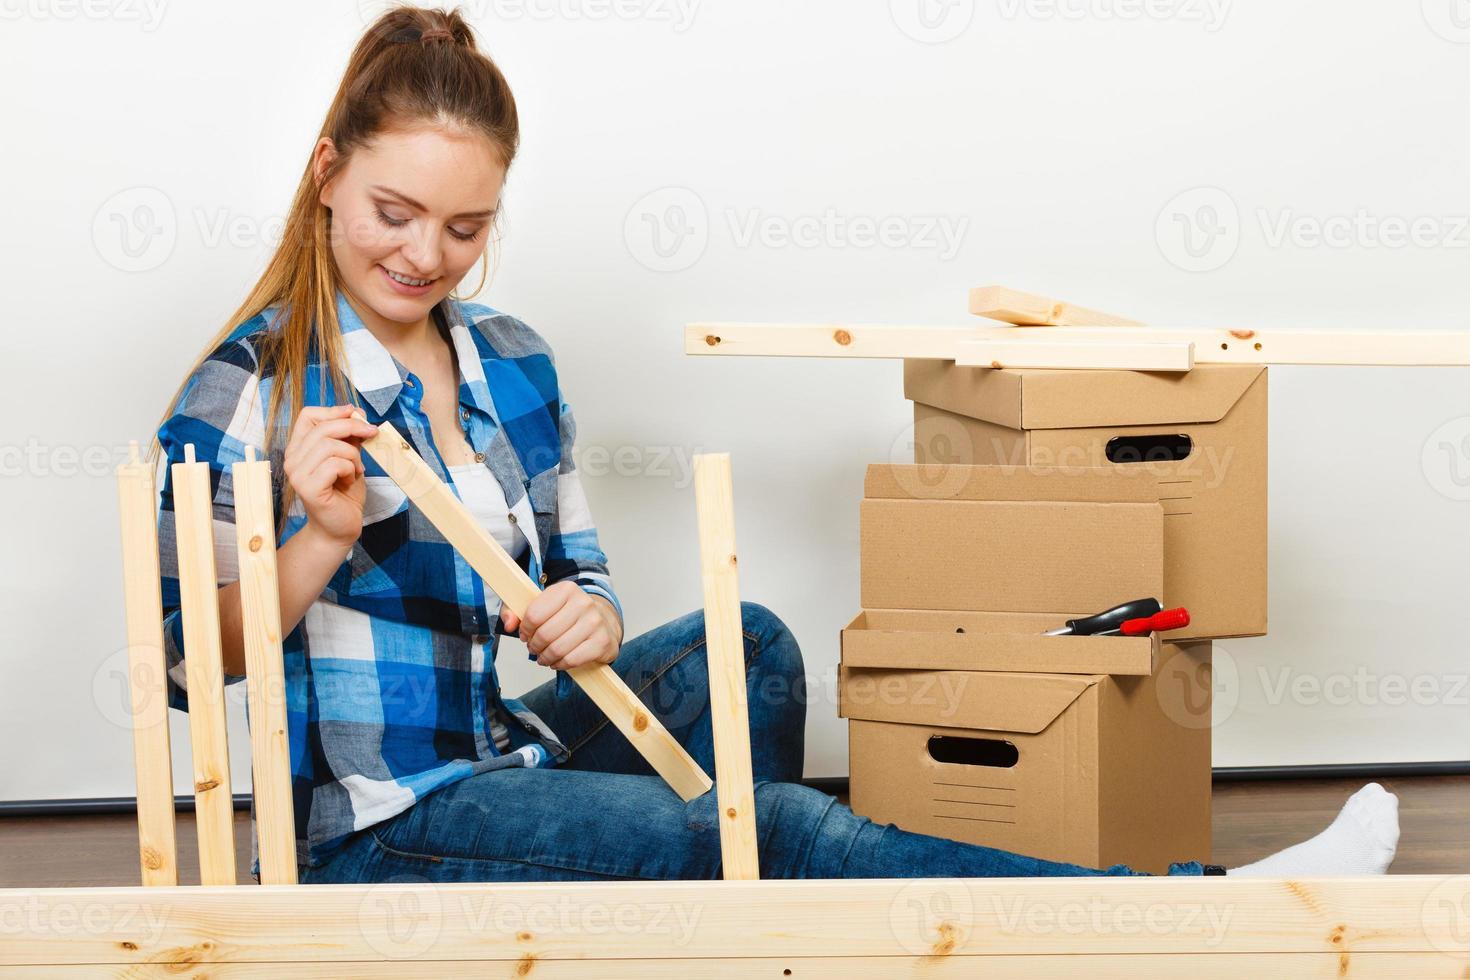 Frau zieht in Wohnungsmontagemöbel ein. foto